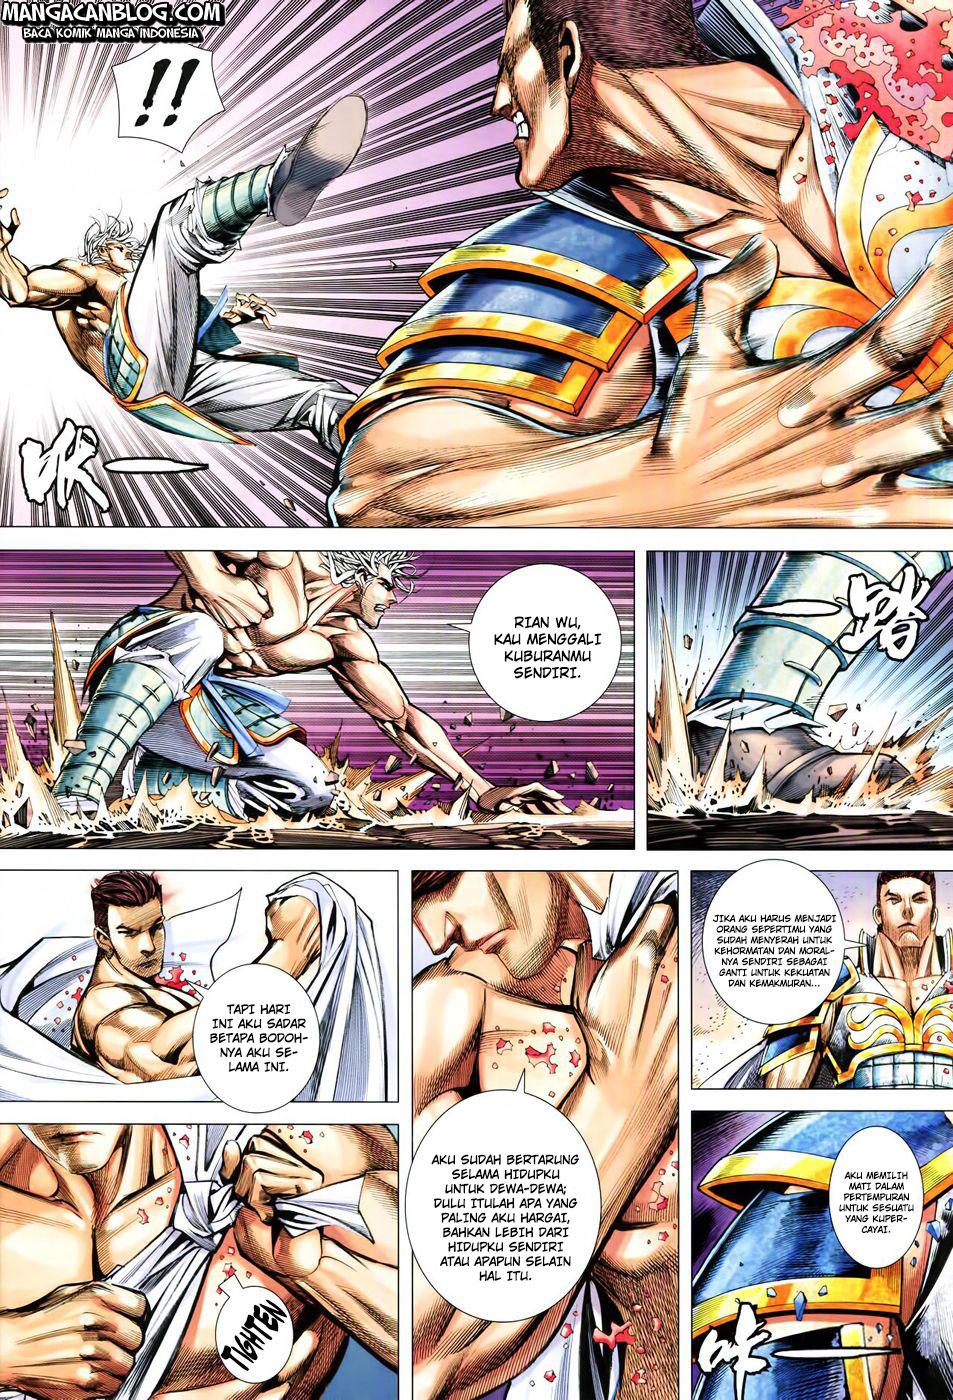 Dilarang COPAS - situs resmi www.mangacanblog.com - Komik feng shen ji 2 127 - mati tanpa penyesalan 128 Indonesia feng shen ji 2 127 - mati tanpa penyesalan Terbaru 4|Baca Manga Komik Indonesia|Mangacan